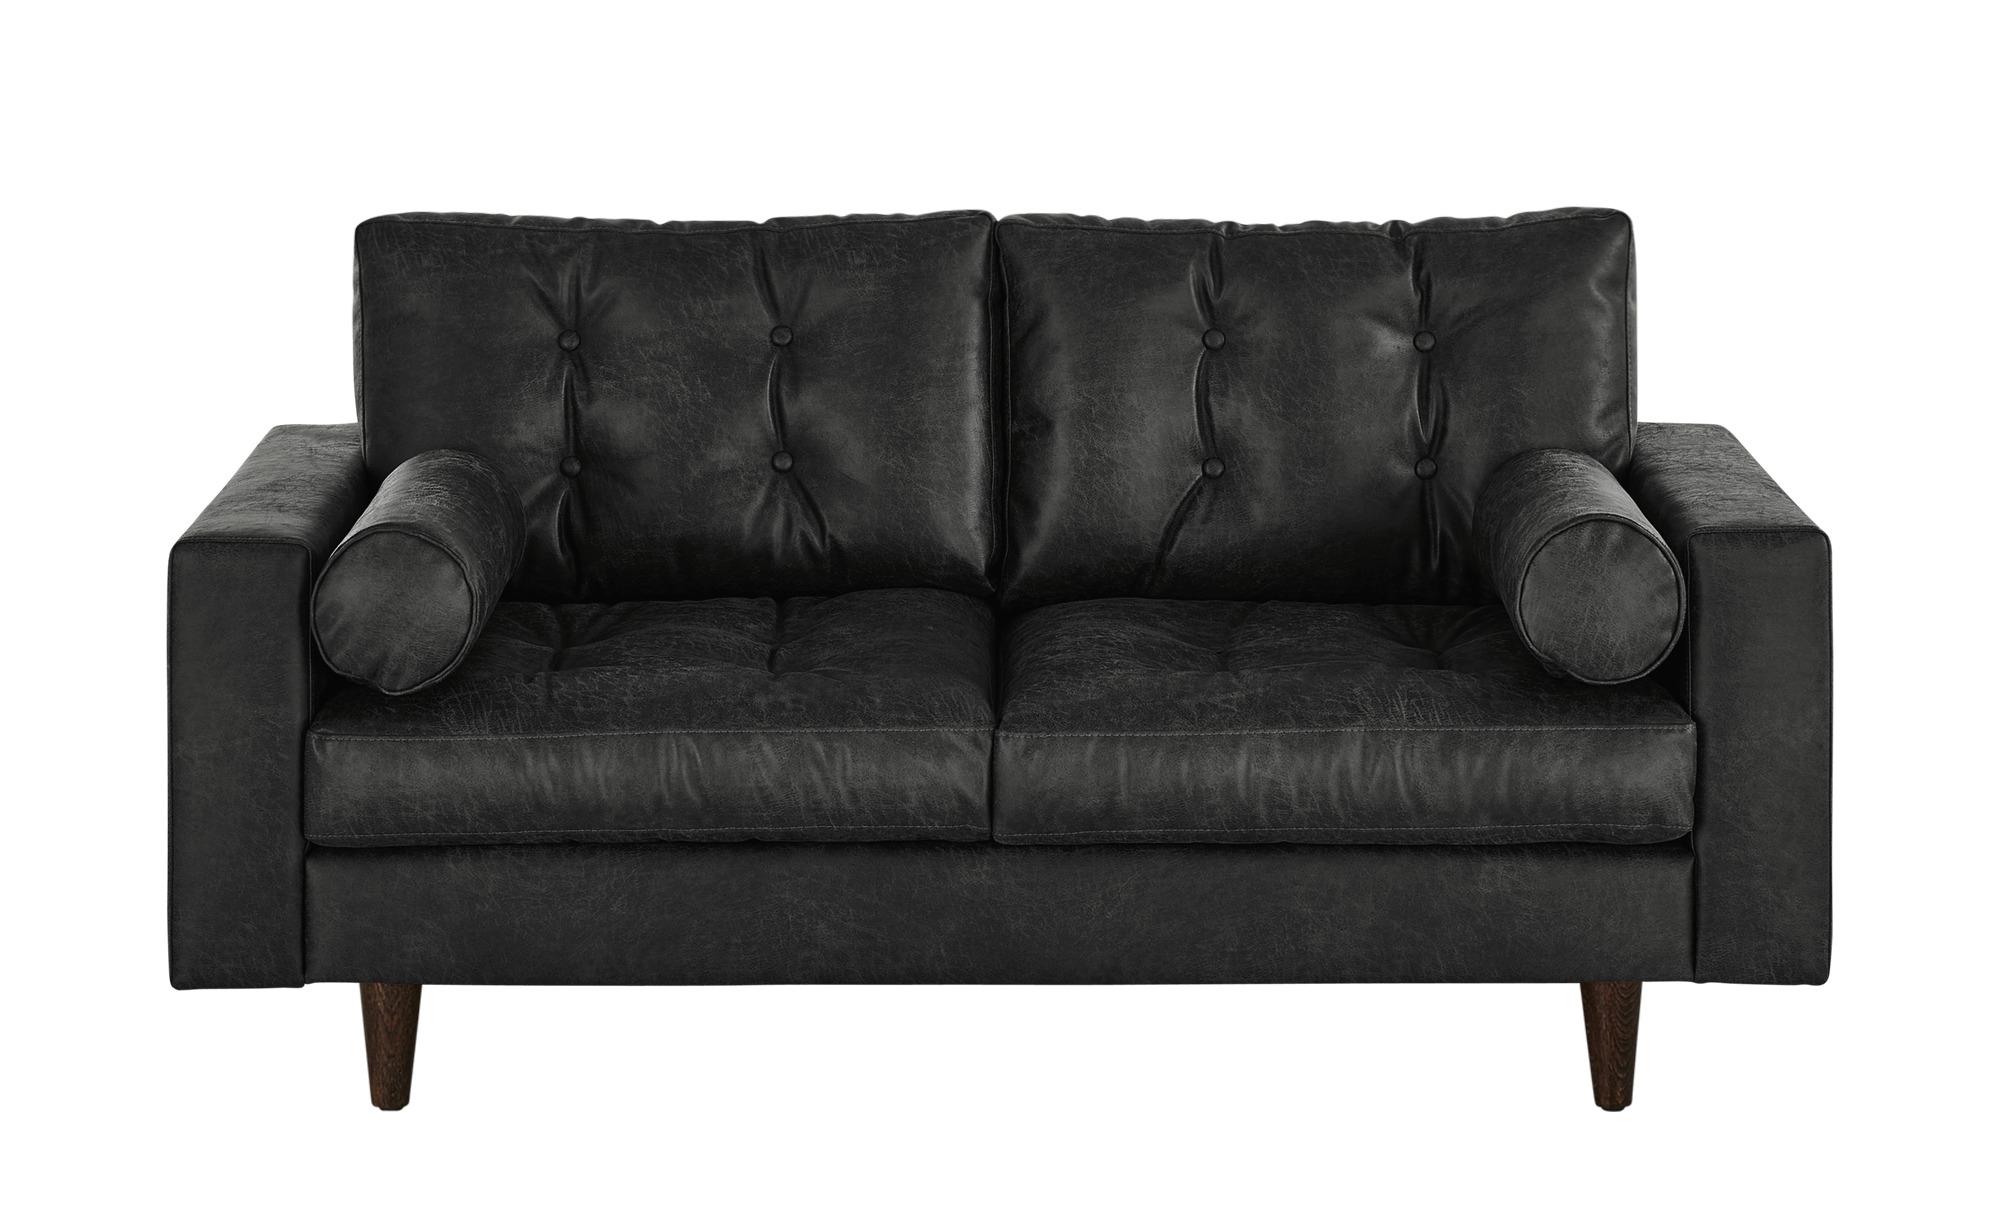 Gray & Jones Sofa  Tierra Fuego Gypsy ¦ grau ¦ Maße (cm): B: 172 H: 90 T: 92 Polstermöbel > Sofas > 2-Sitzer - Höffner